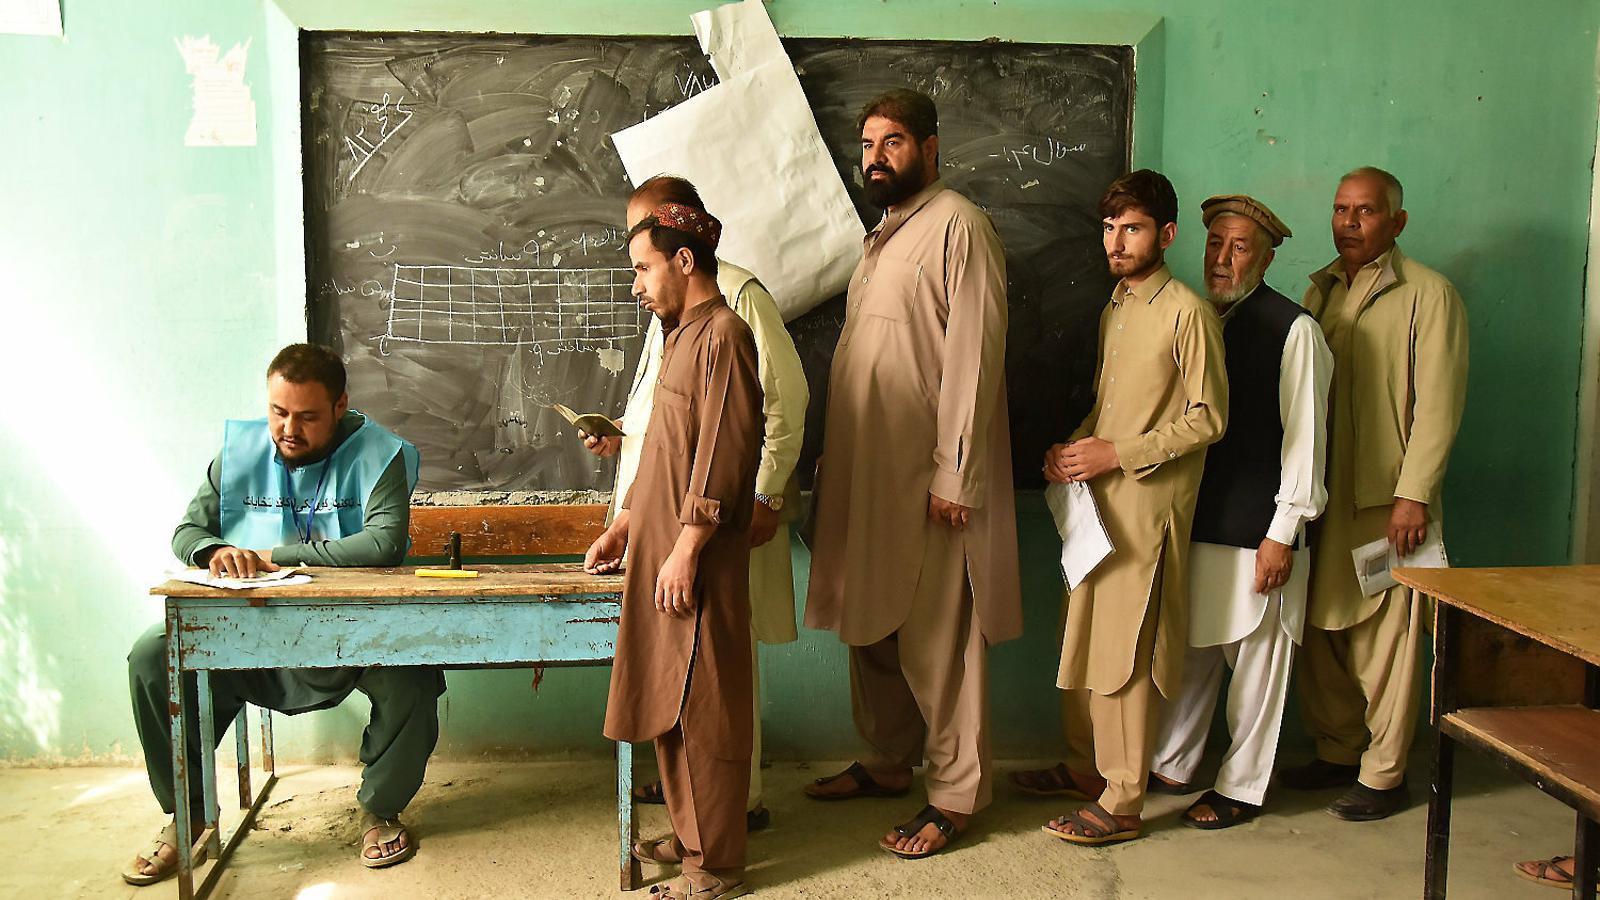 Electors esperant al col·legi de Rahman Mina, al barri de Karte Nau, a Kabul.